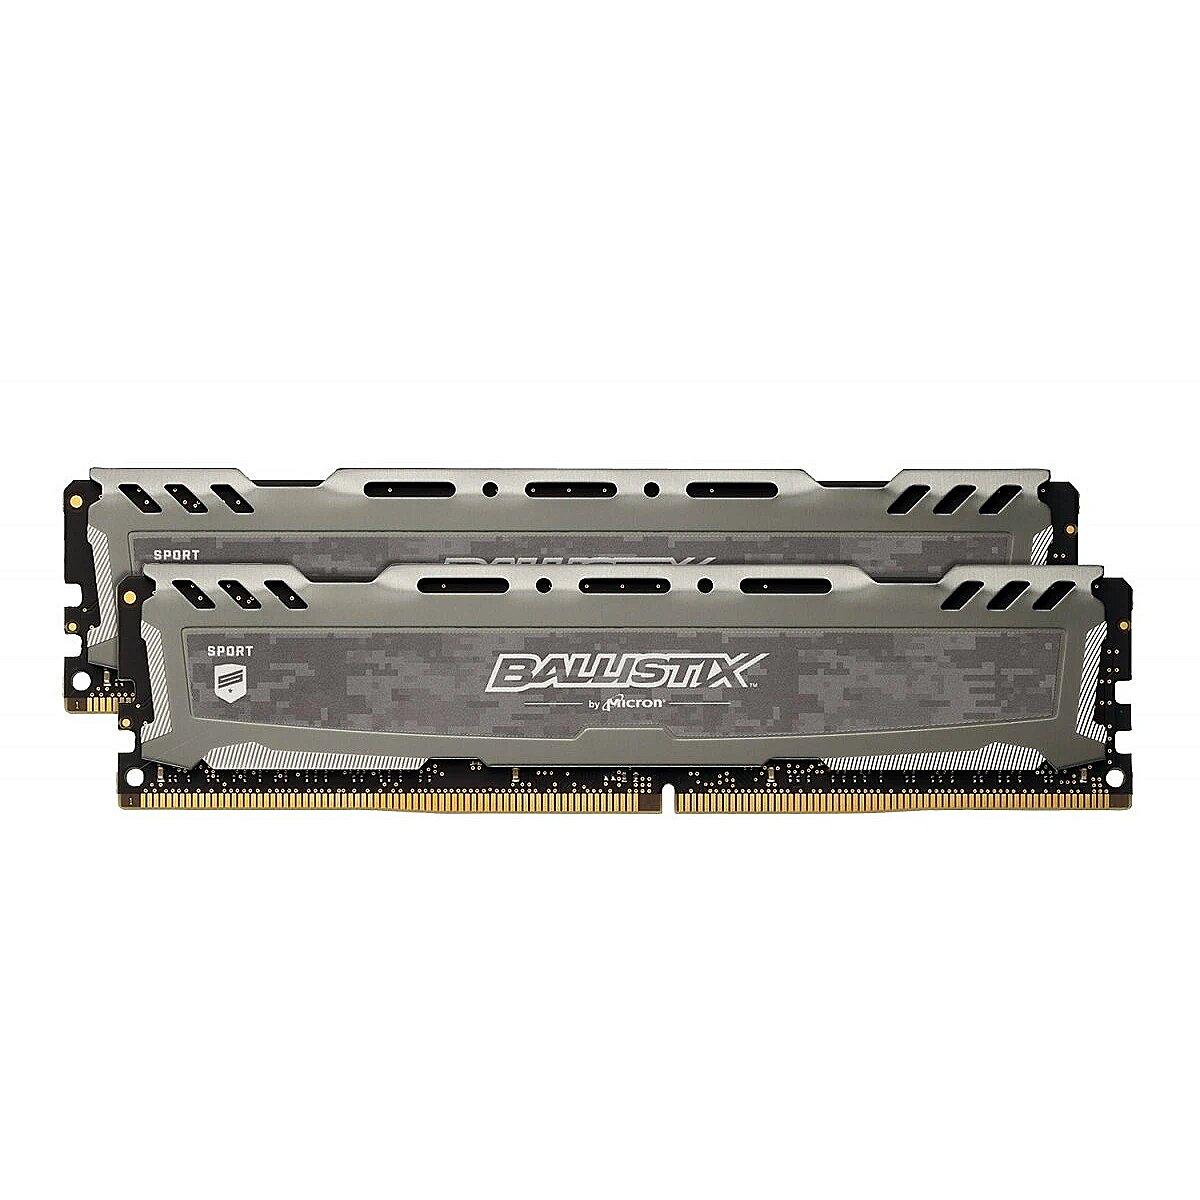 Desktop Memory PC4 25600 Ballistix Sport LT 16GB 288-Pin DDR4 SDRAM DDR4 3200